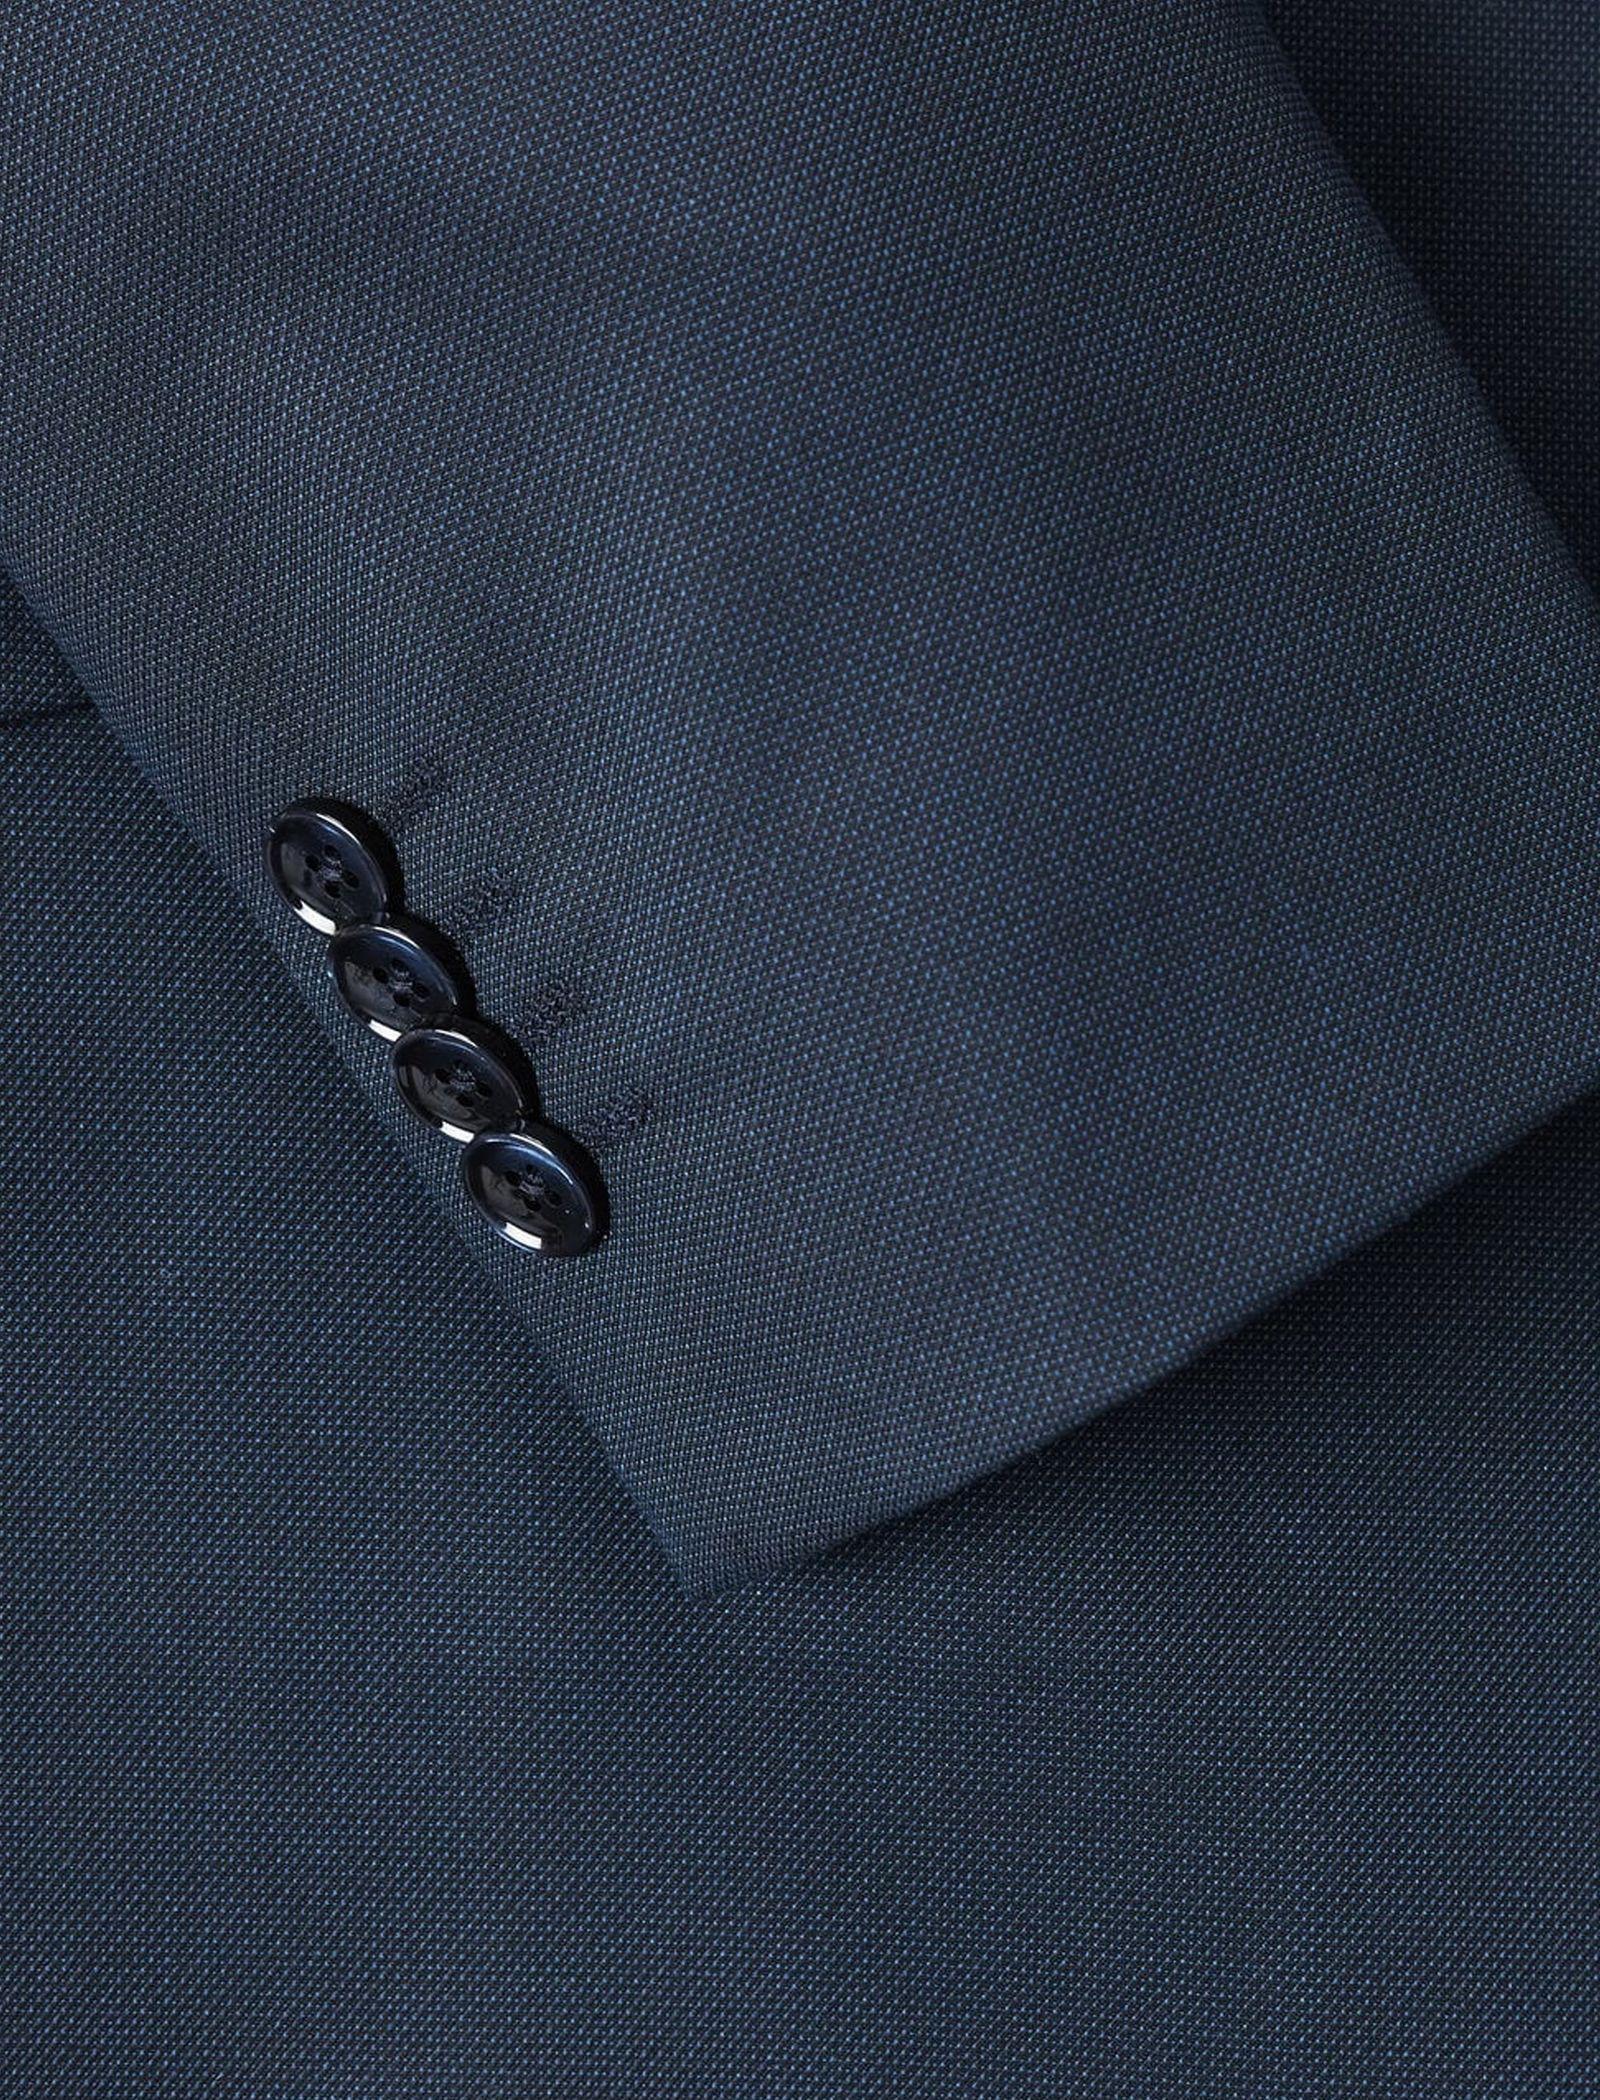 کت تک رسمی مردانه - مانگو - سرمه اي - 5